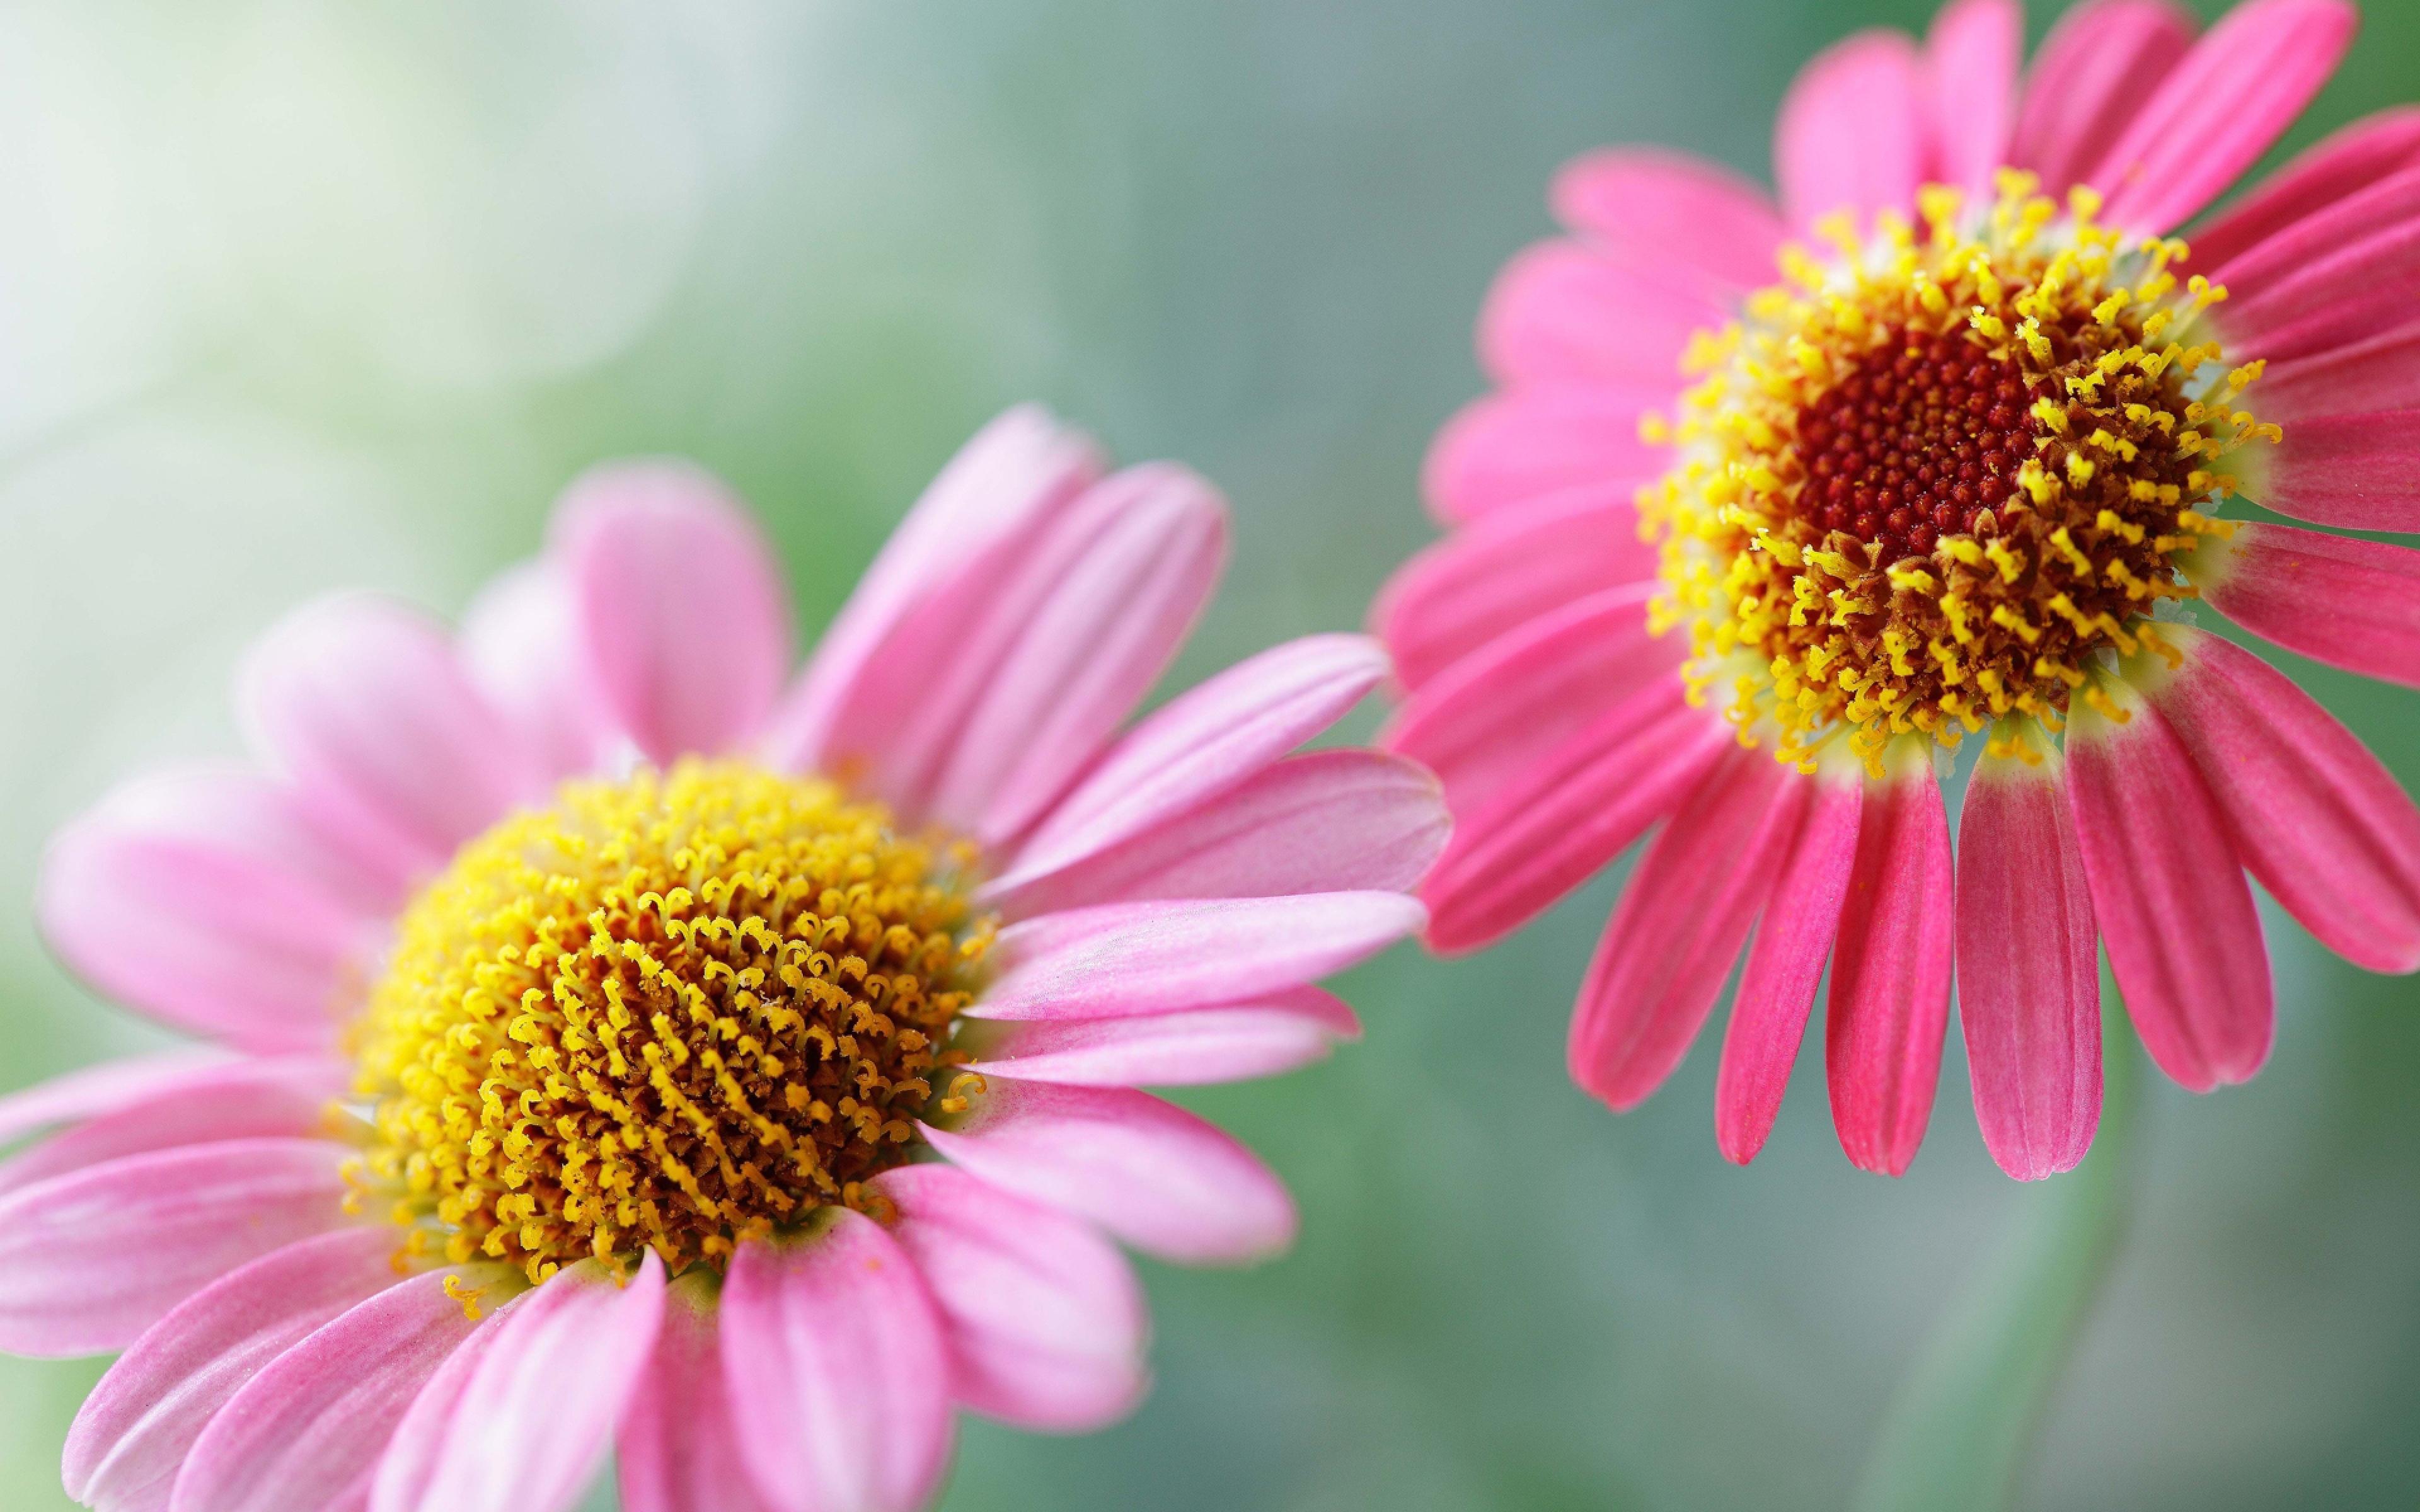 3840x2400 Wallpaper flowers, pollen, petals, two